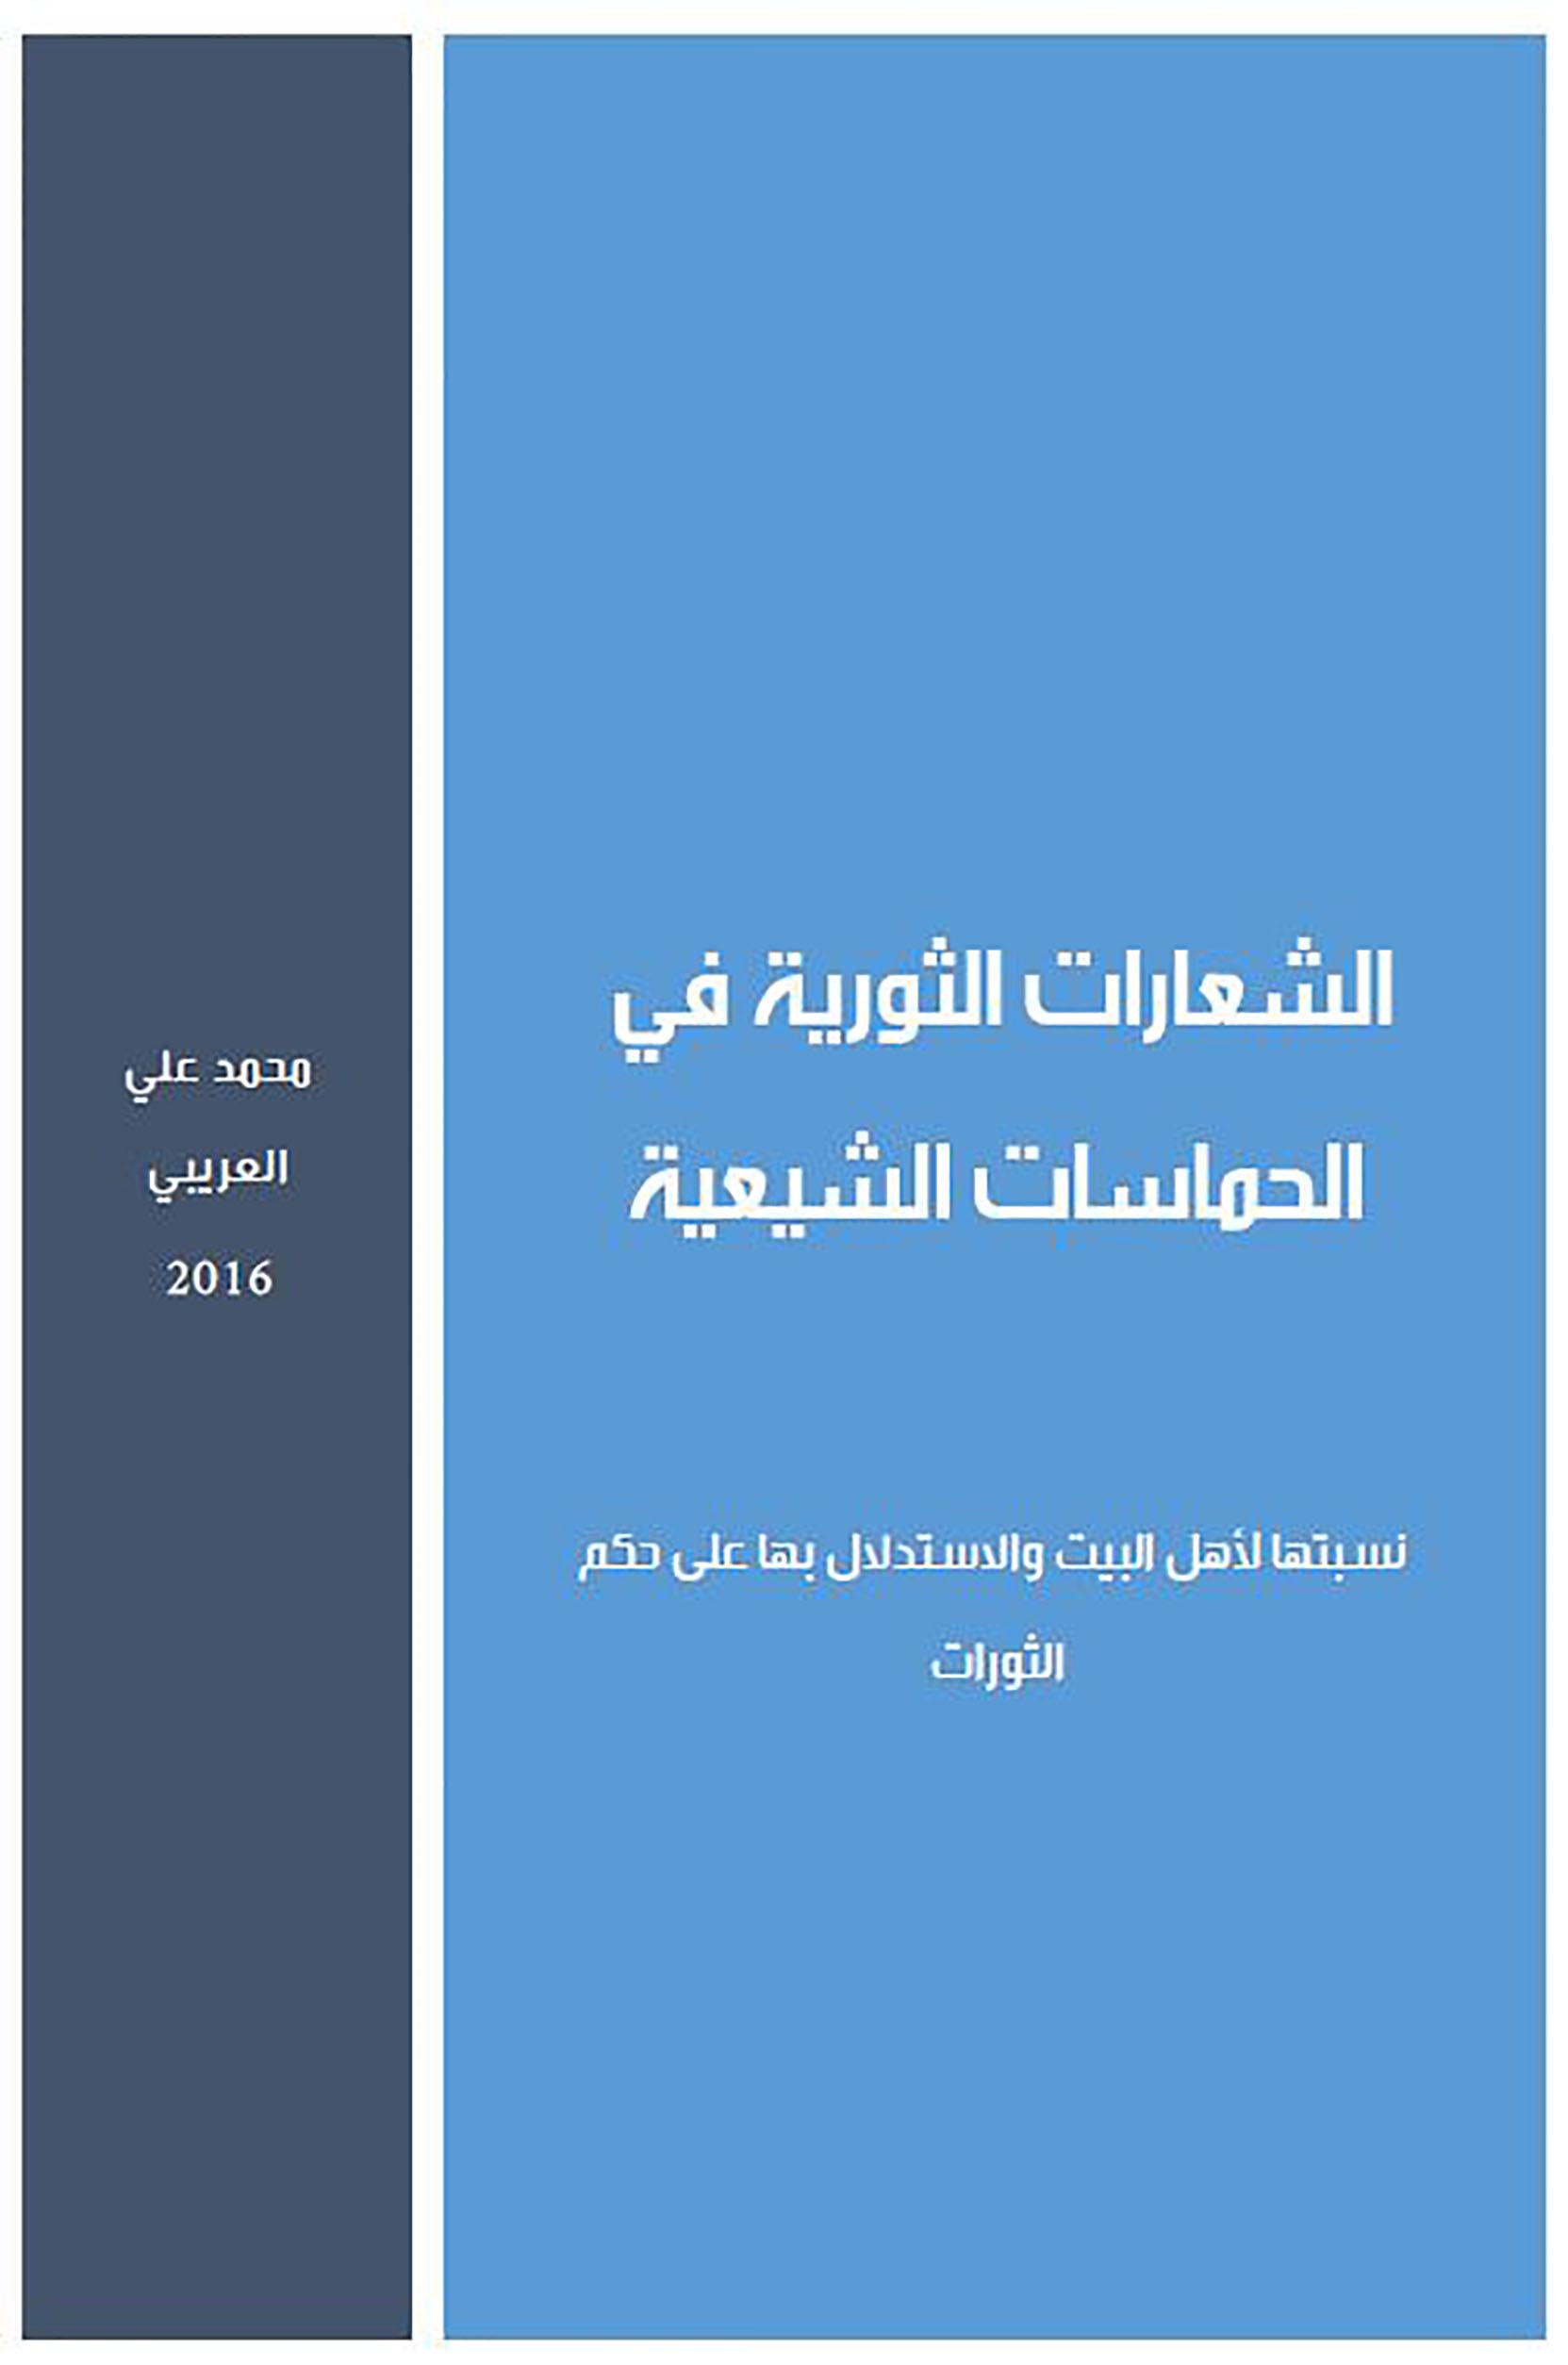 الاســـم:الشعارات الثورية في الحماسات الشيعية غلاف.JPG المشاهدات: 57 الحجـــم:153.8 كيلوبايت